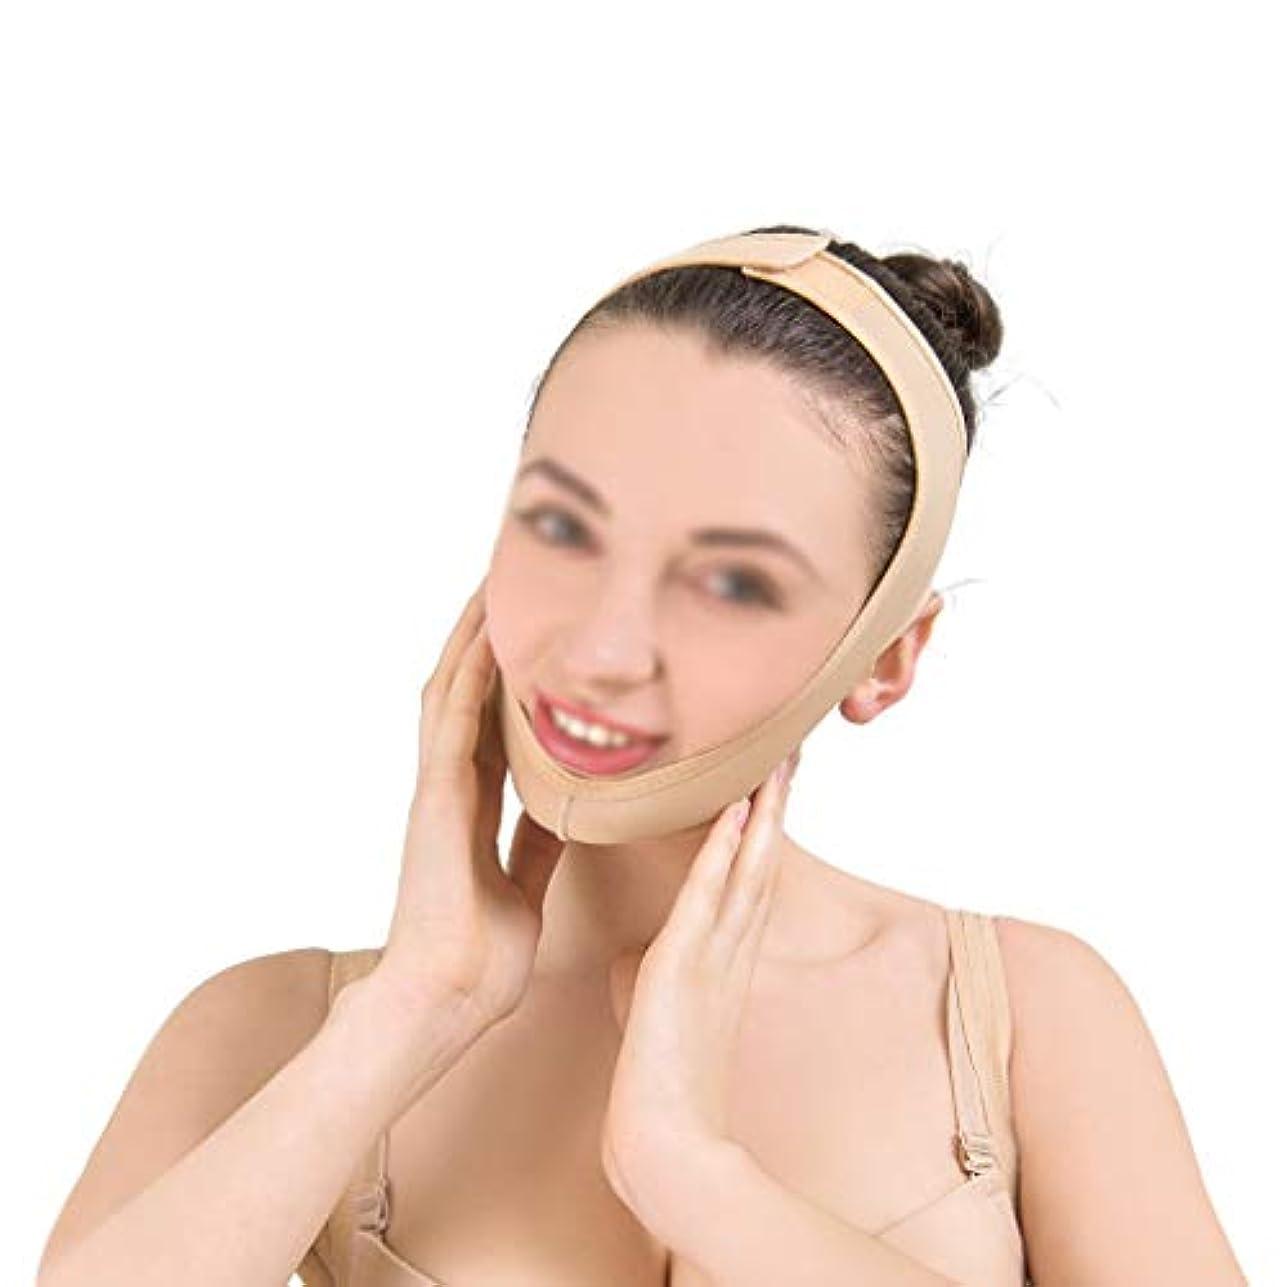 浴ソロ味付けフェイスシェイピングベルト、肌の包帯の持ち上げと締め付け、フェイスベルトの持ち上げ、快適で通気性のあるフェイシャルリフティングマスク (Size : M)